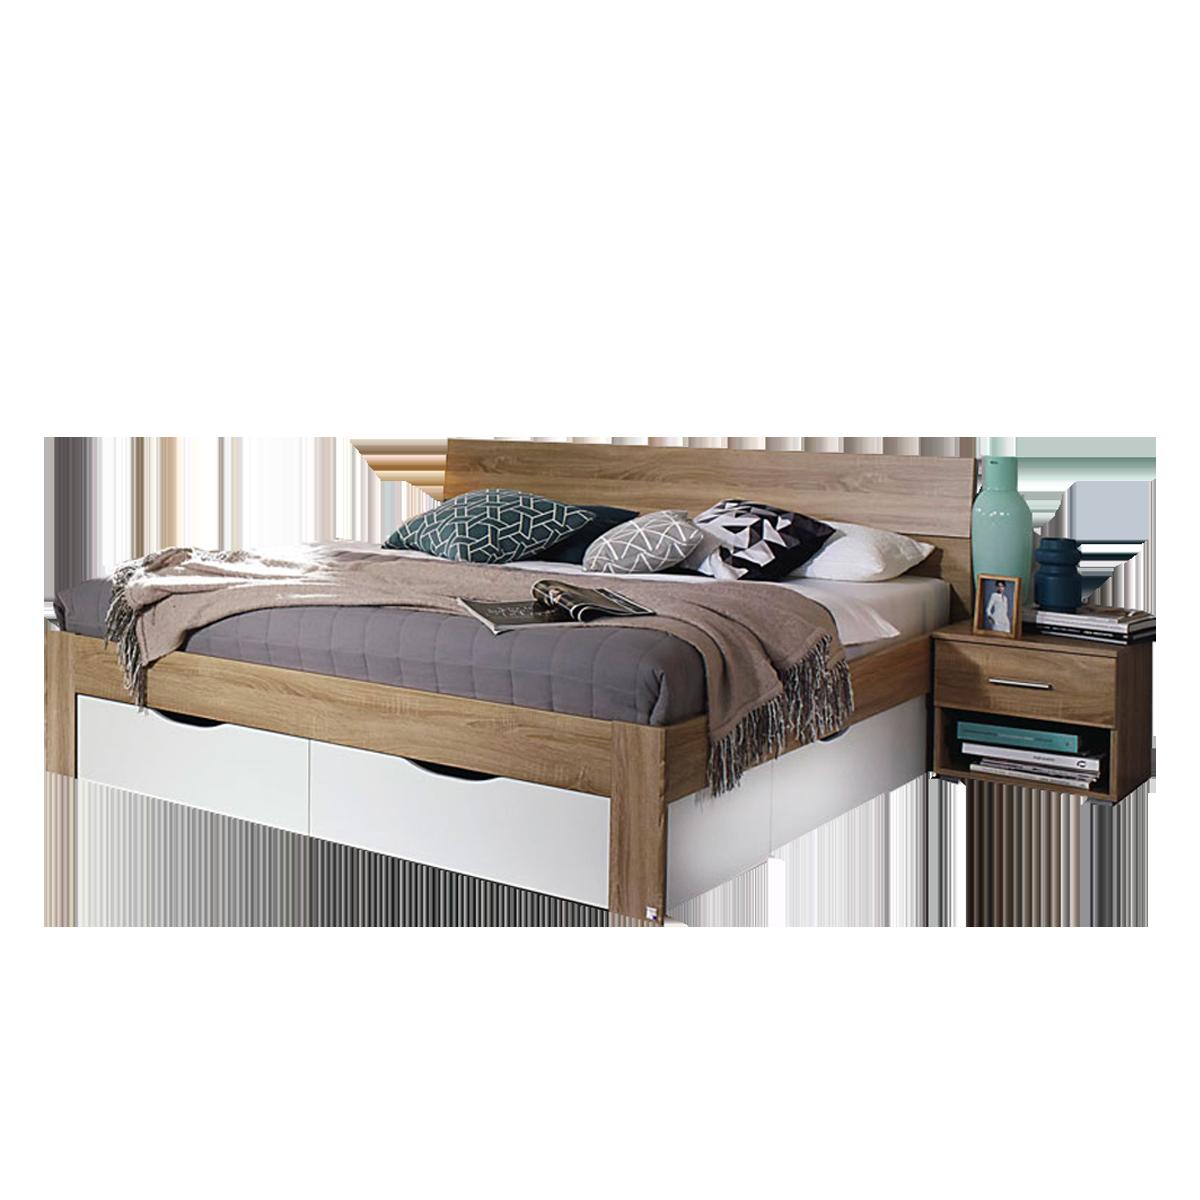 Rauch Packs Flexx Bett Inklusive Sockelschubkasten Liegeflache Und Farbasufuhrung Wahlbar Optional Mit Nachttisch